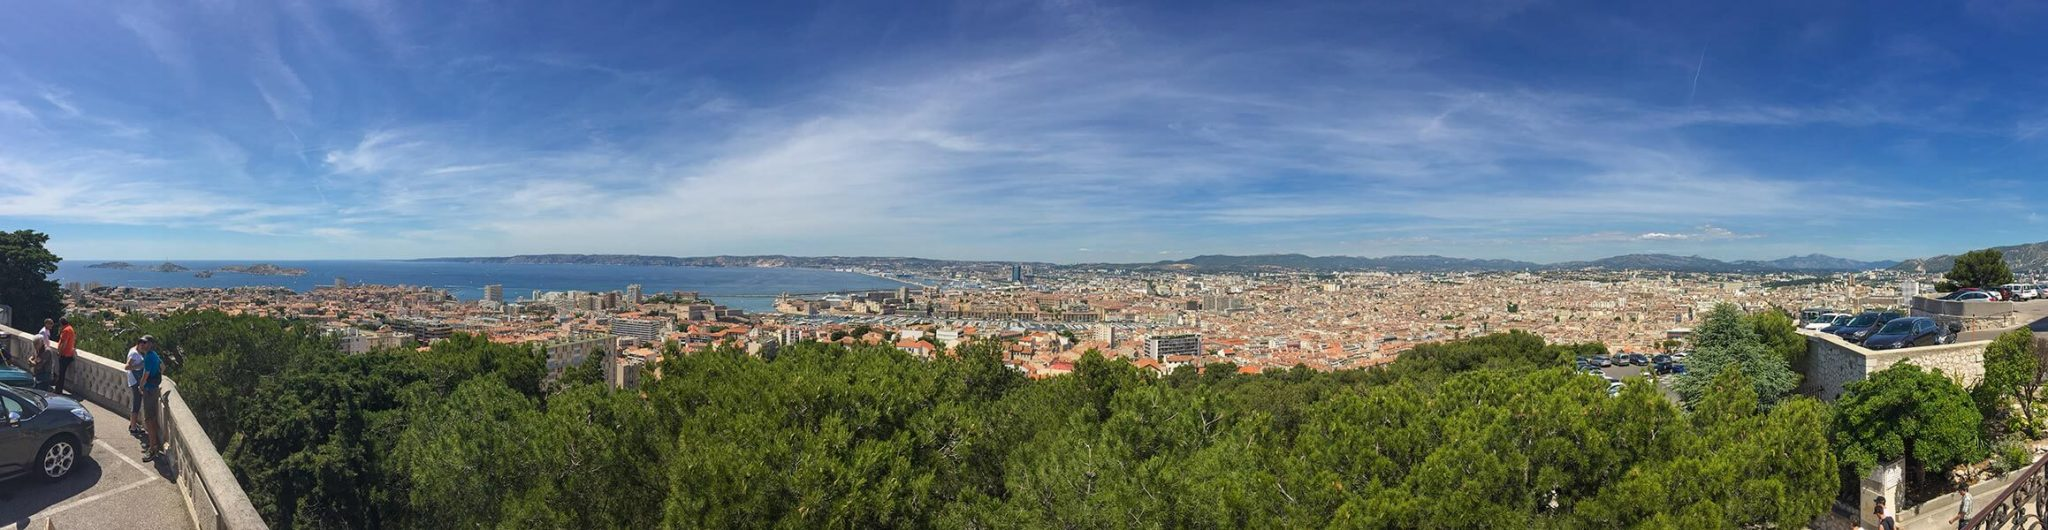 Panorama Marseille von Notre Dame de la Garde aus © Siegbert Mattheis